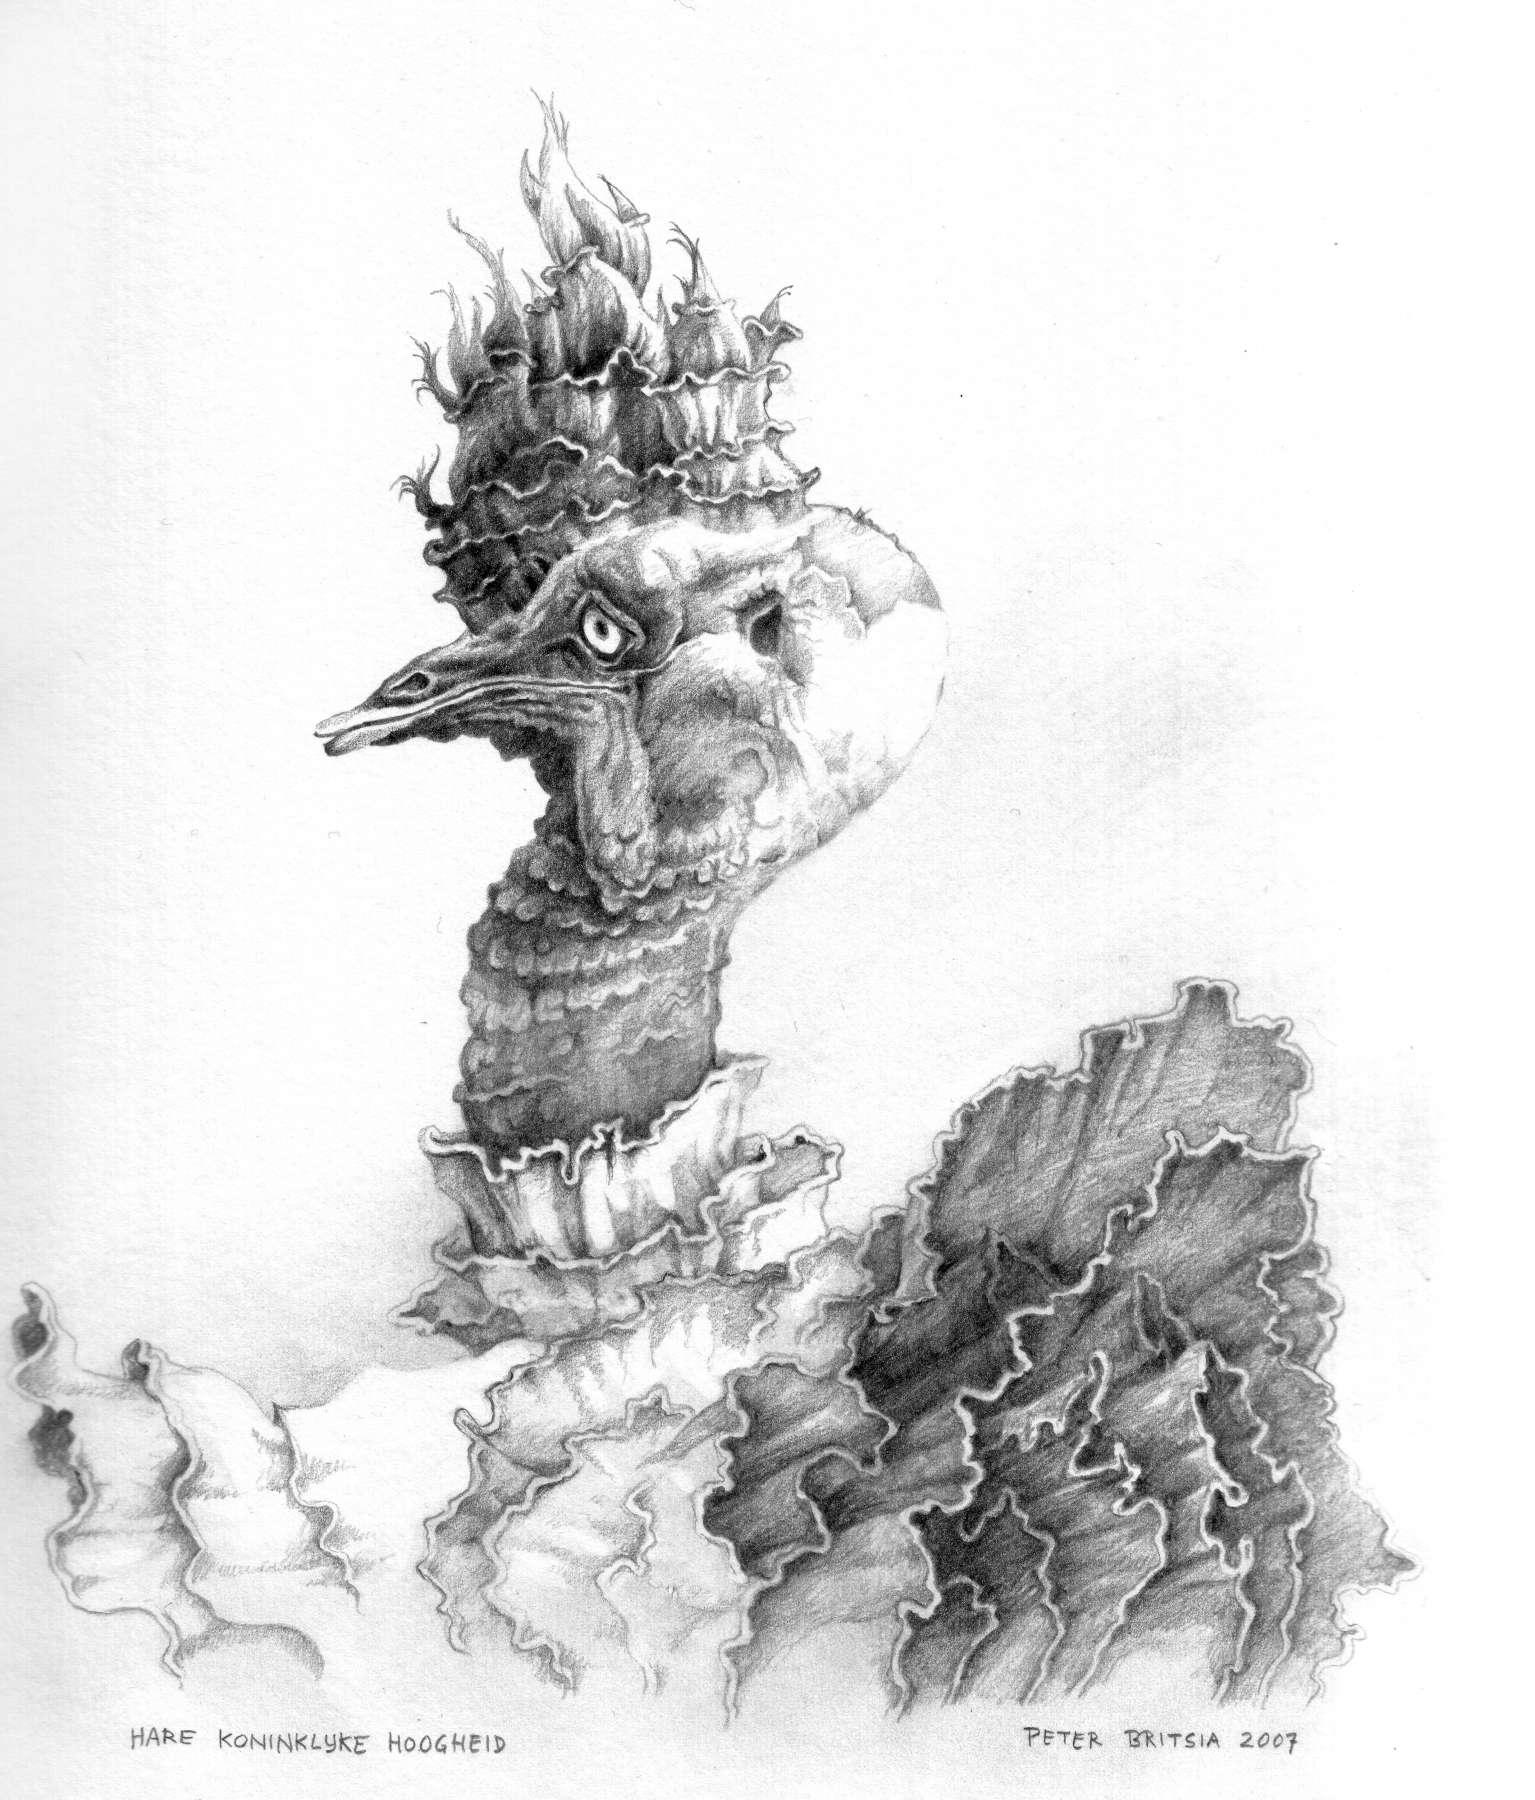 Hoogheid - potloodtekening<br>Hare Koninklijke Hoogheid heeft zich naar haar eigen maatstaven zo uitgedost, dat haar bijzondere schoonheid extra zal opvallen.